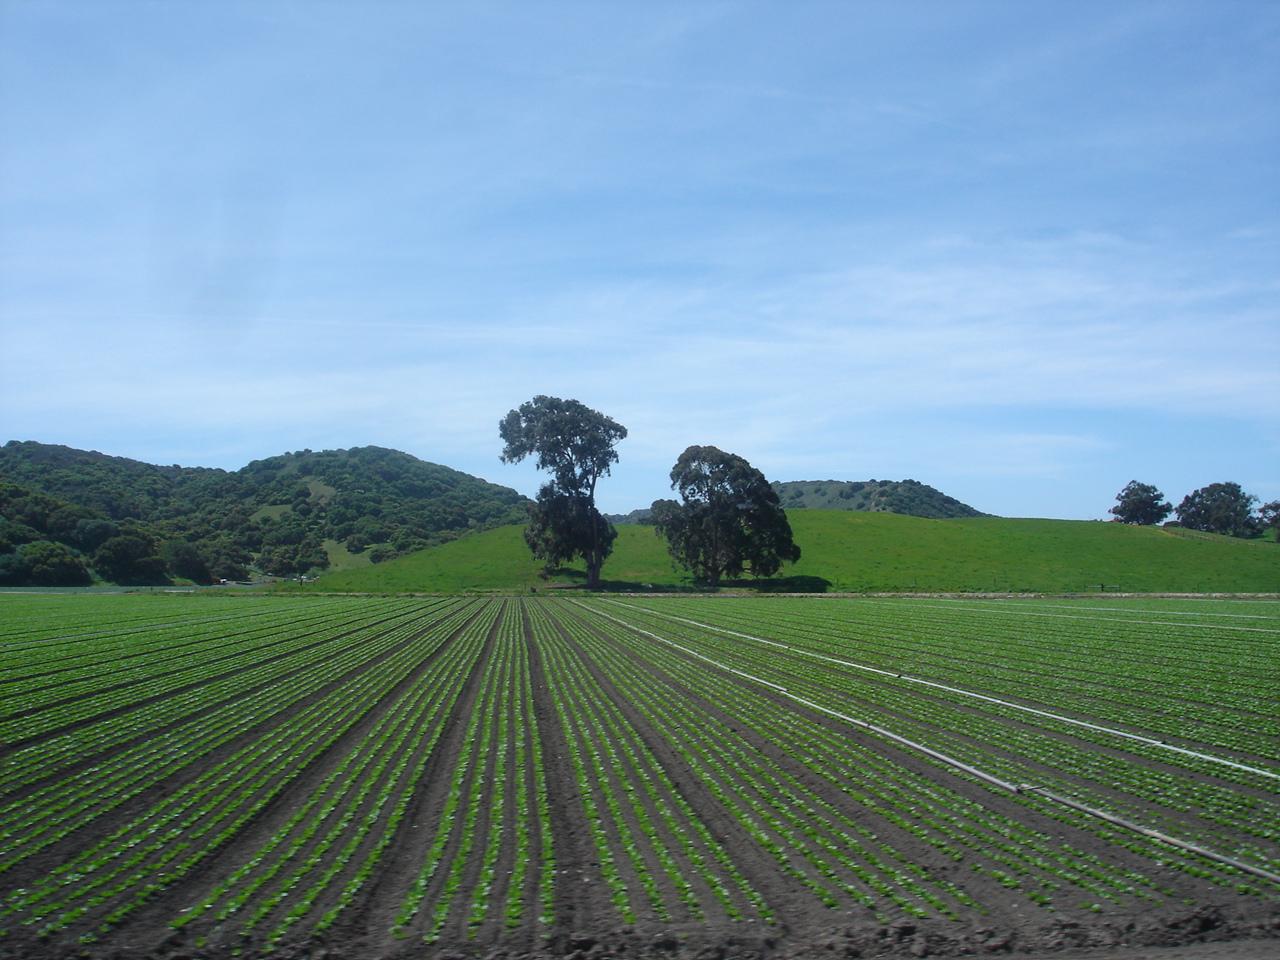 greenfield california wikipedia la enciclopedia libre rh es wikipedia org